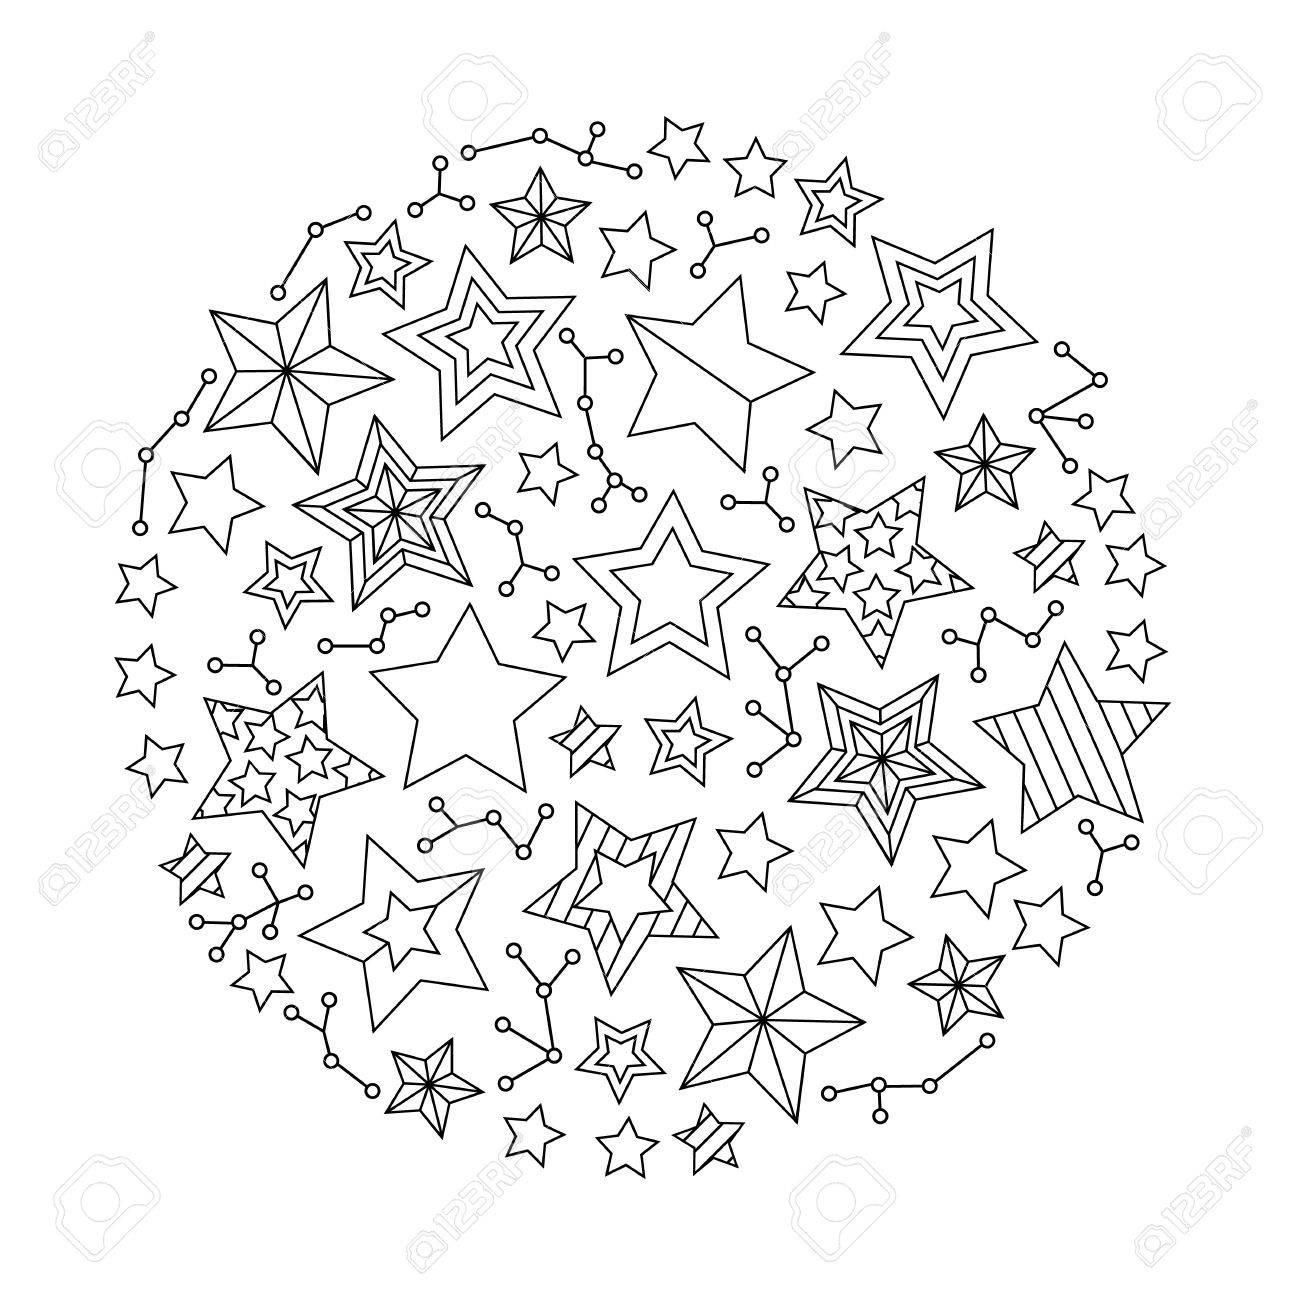 Mandala Redonda Gráfica Con Las Estrellas Estilo Inspirado Página Del Libro Para Colorear Para Adultos Y Niños Mayores Ilustración Vectorial De